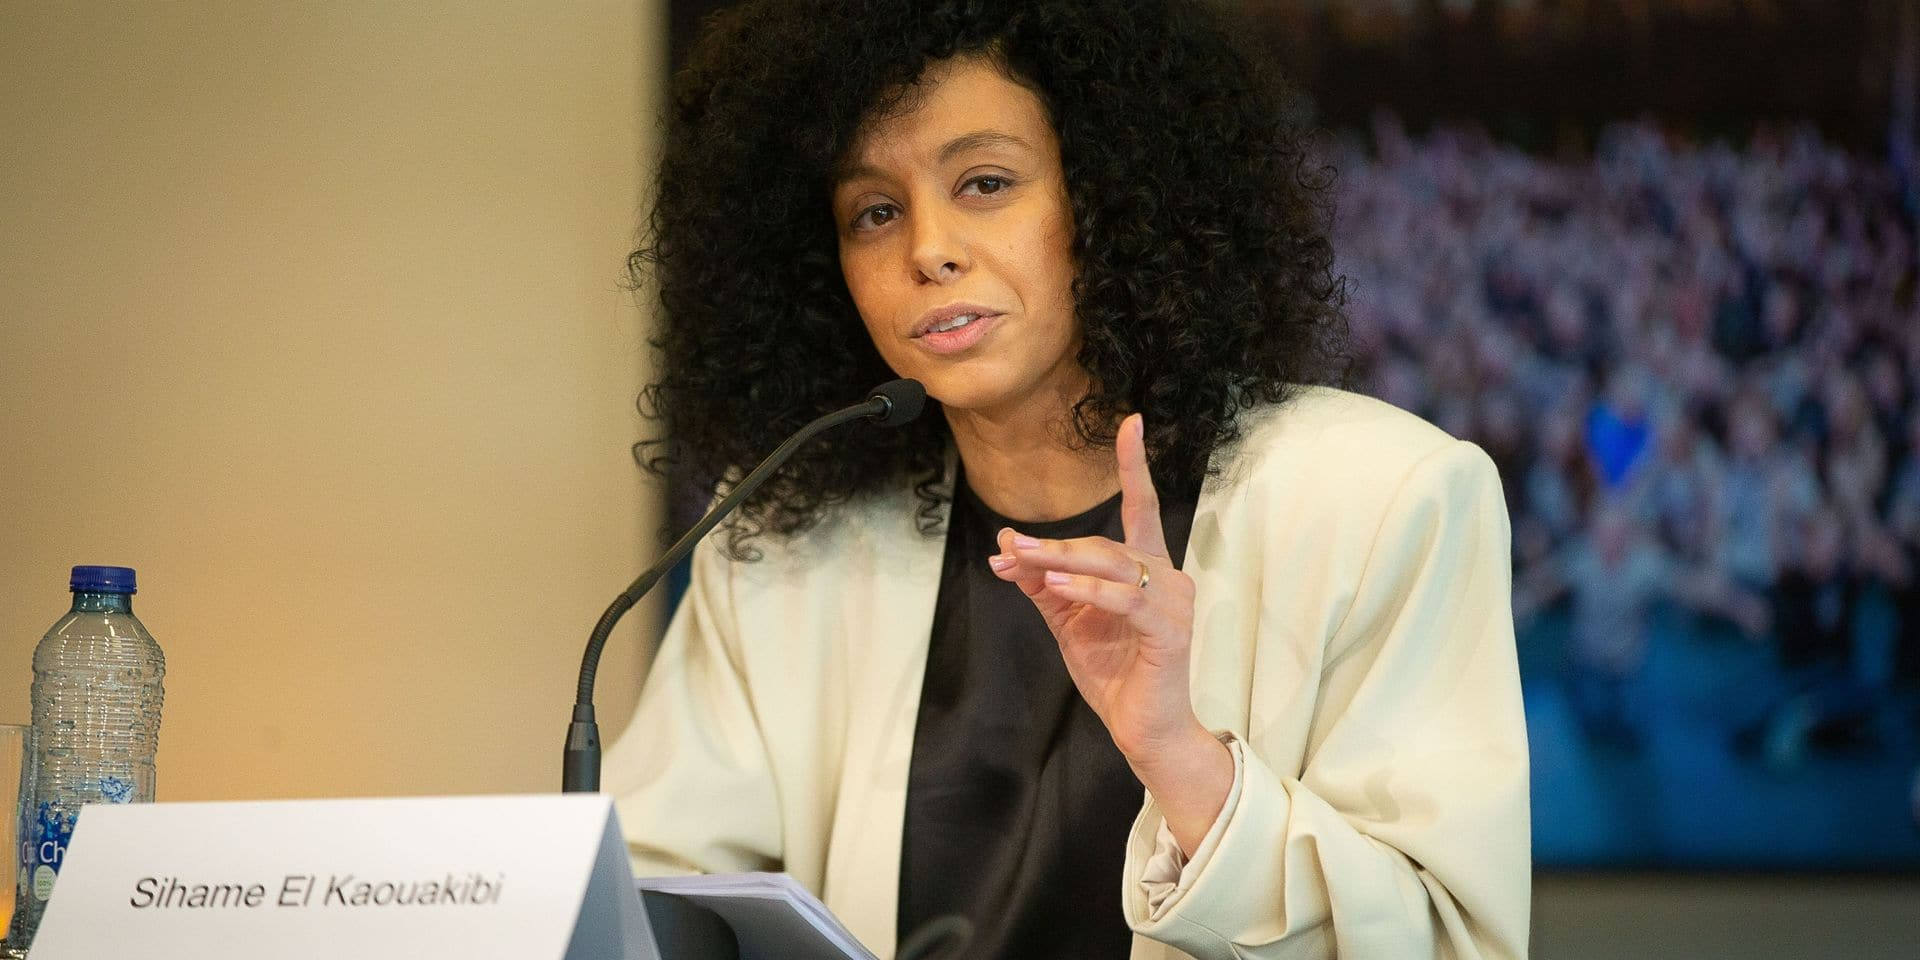 Procédure d'exclusion de l'Open Vld entamée pour la députée flamande Sihame El Kaouakibi